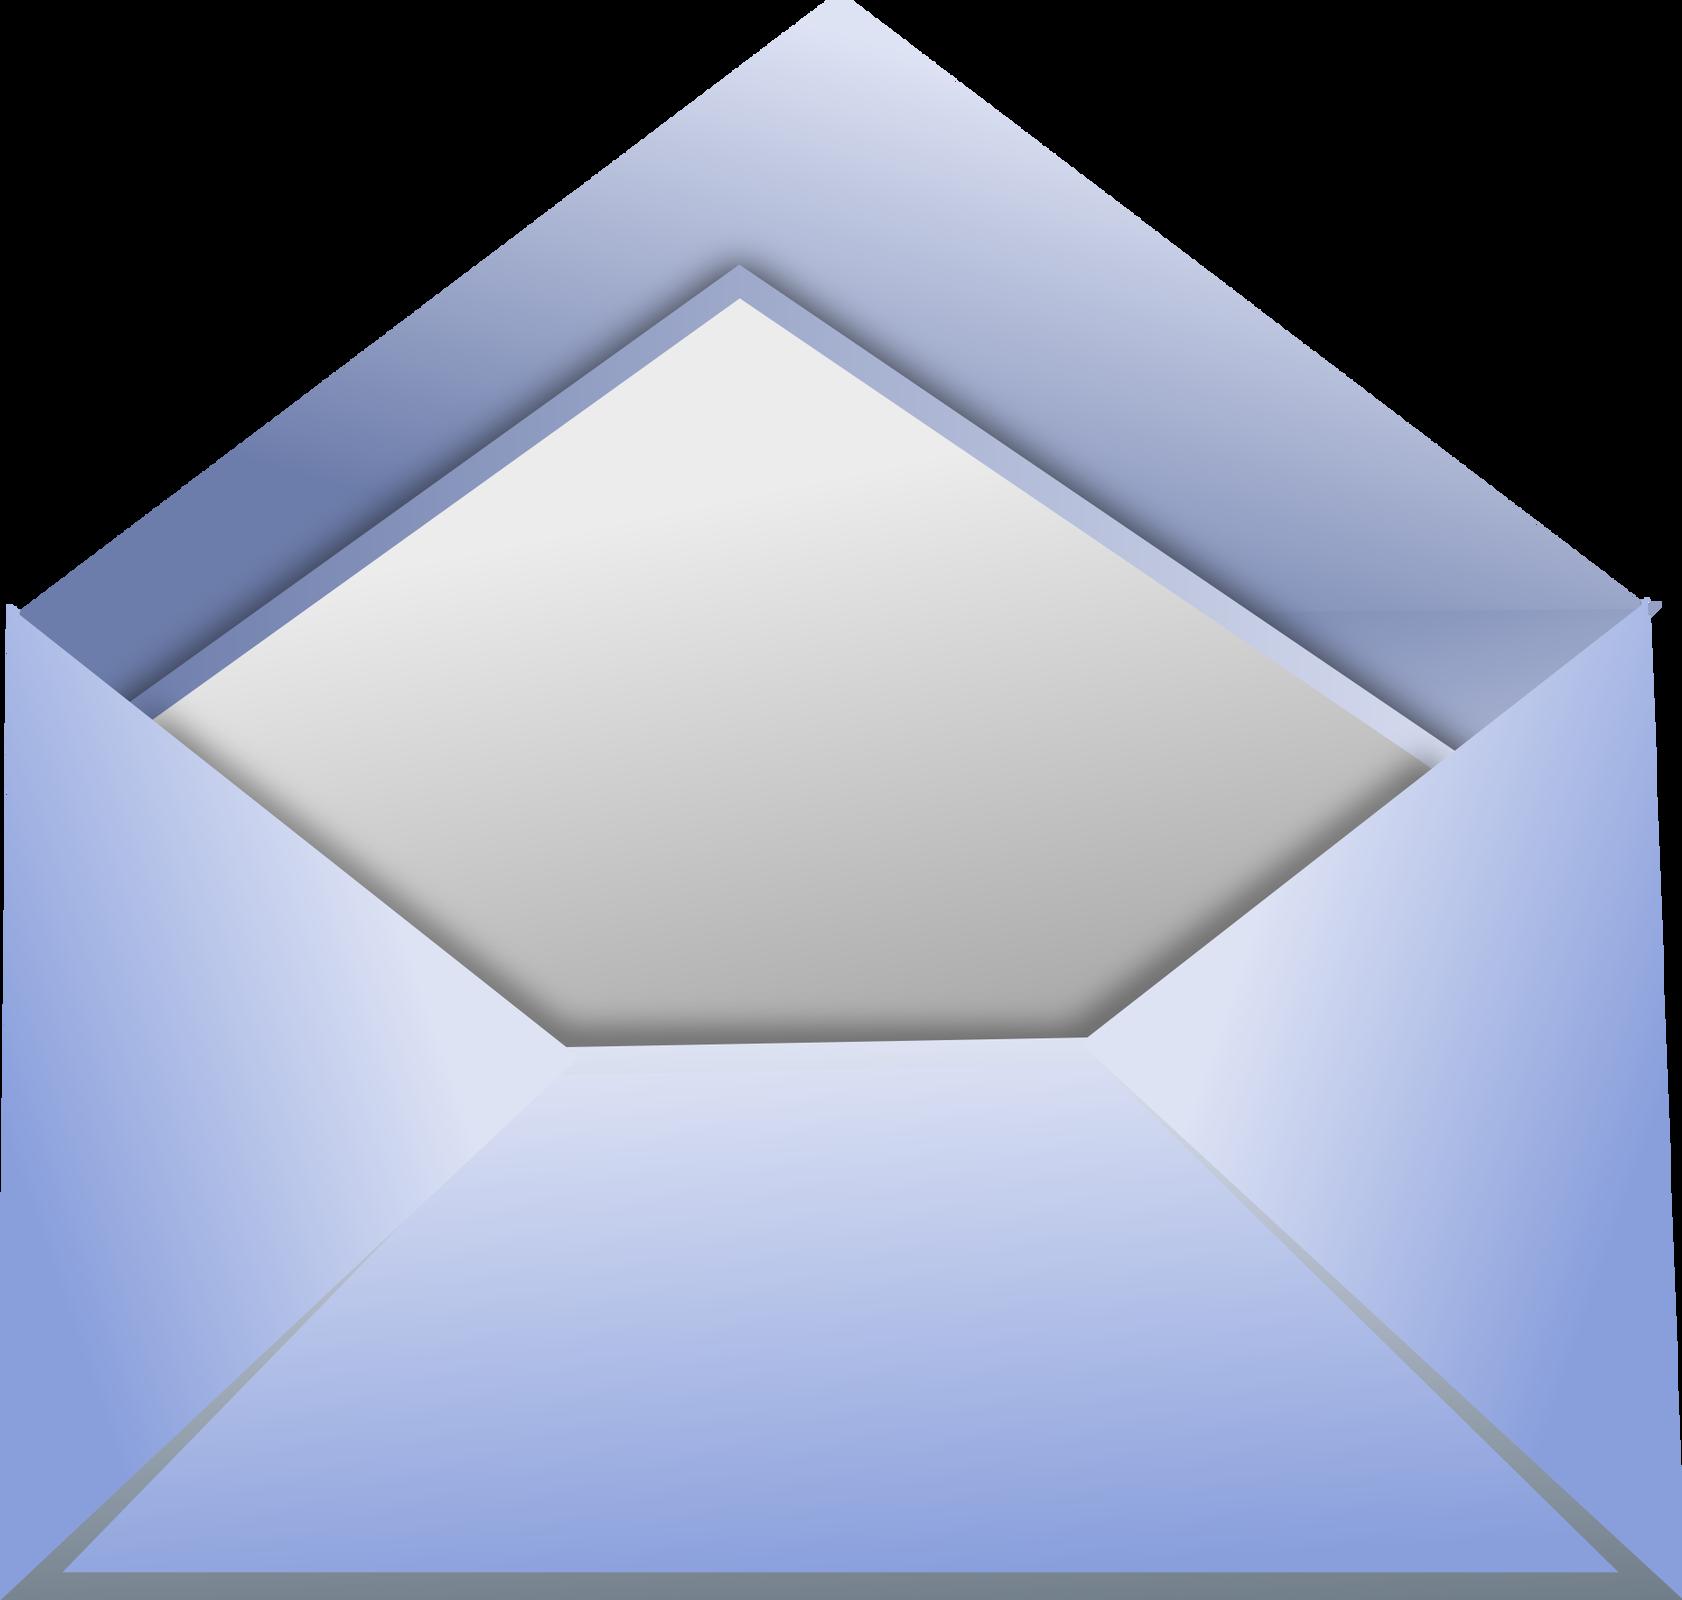 Koperta Źródło: www.pixabay.com, grafika komputerowa, domena publiczna.